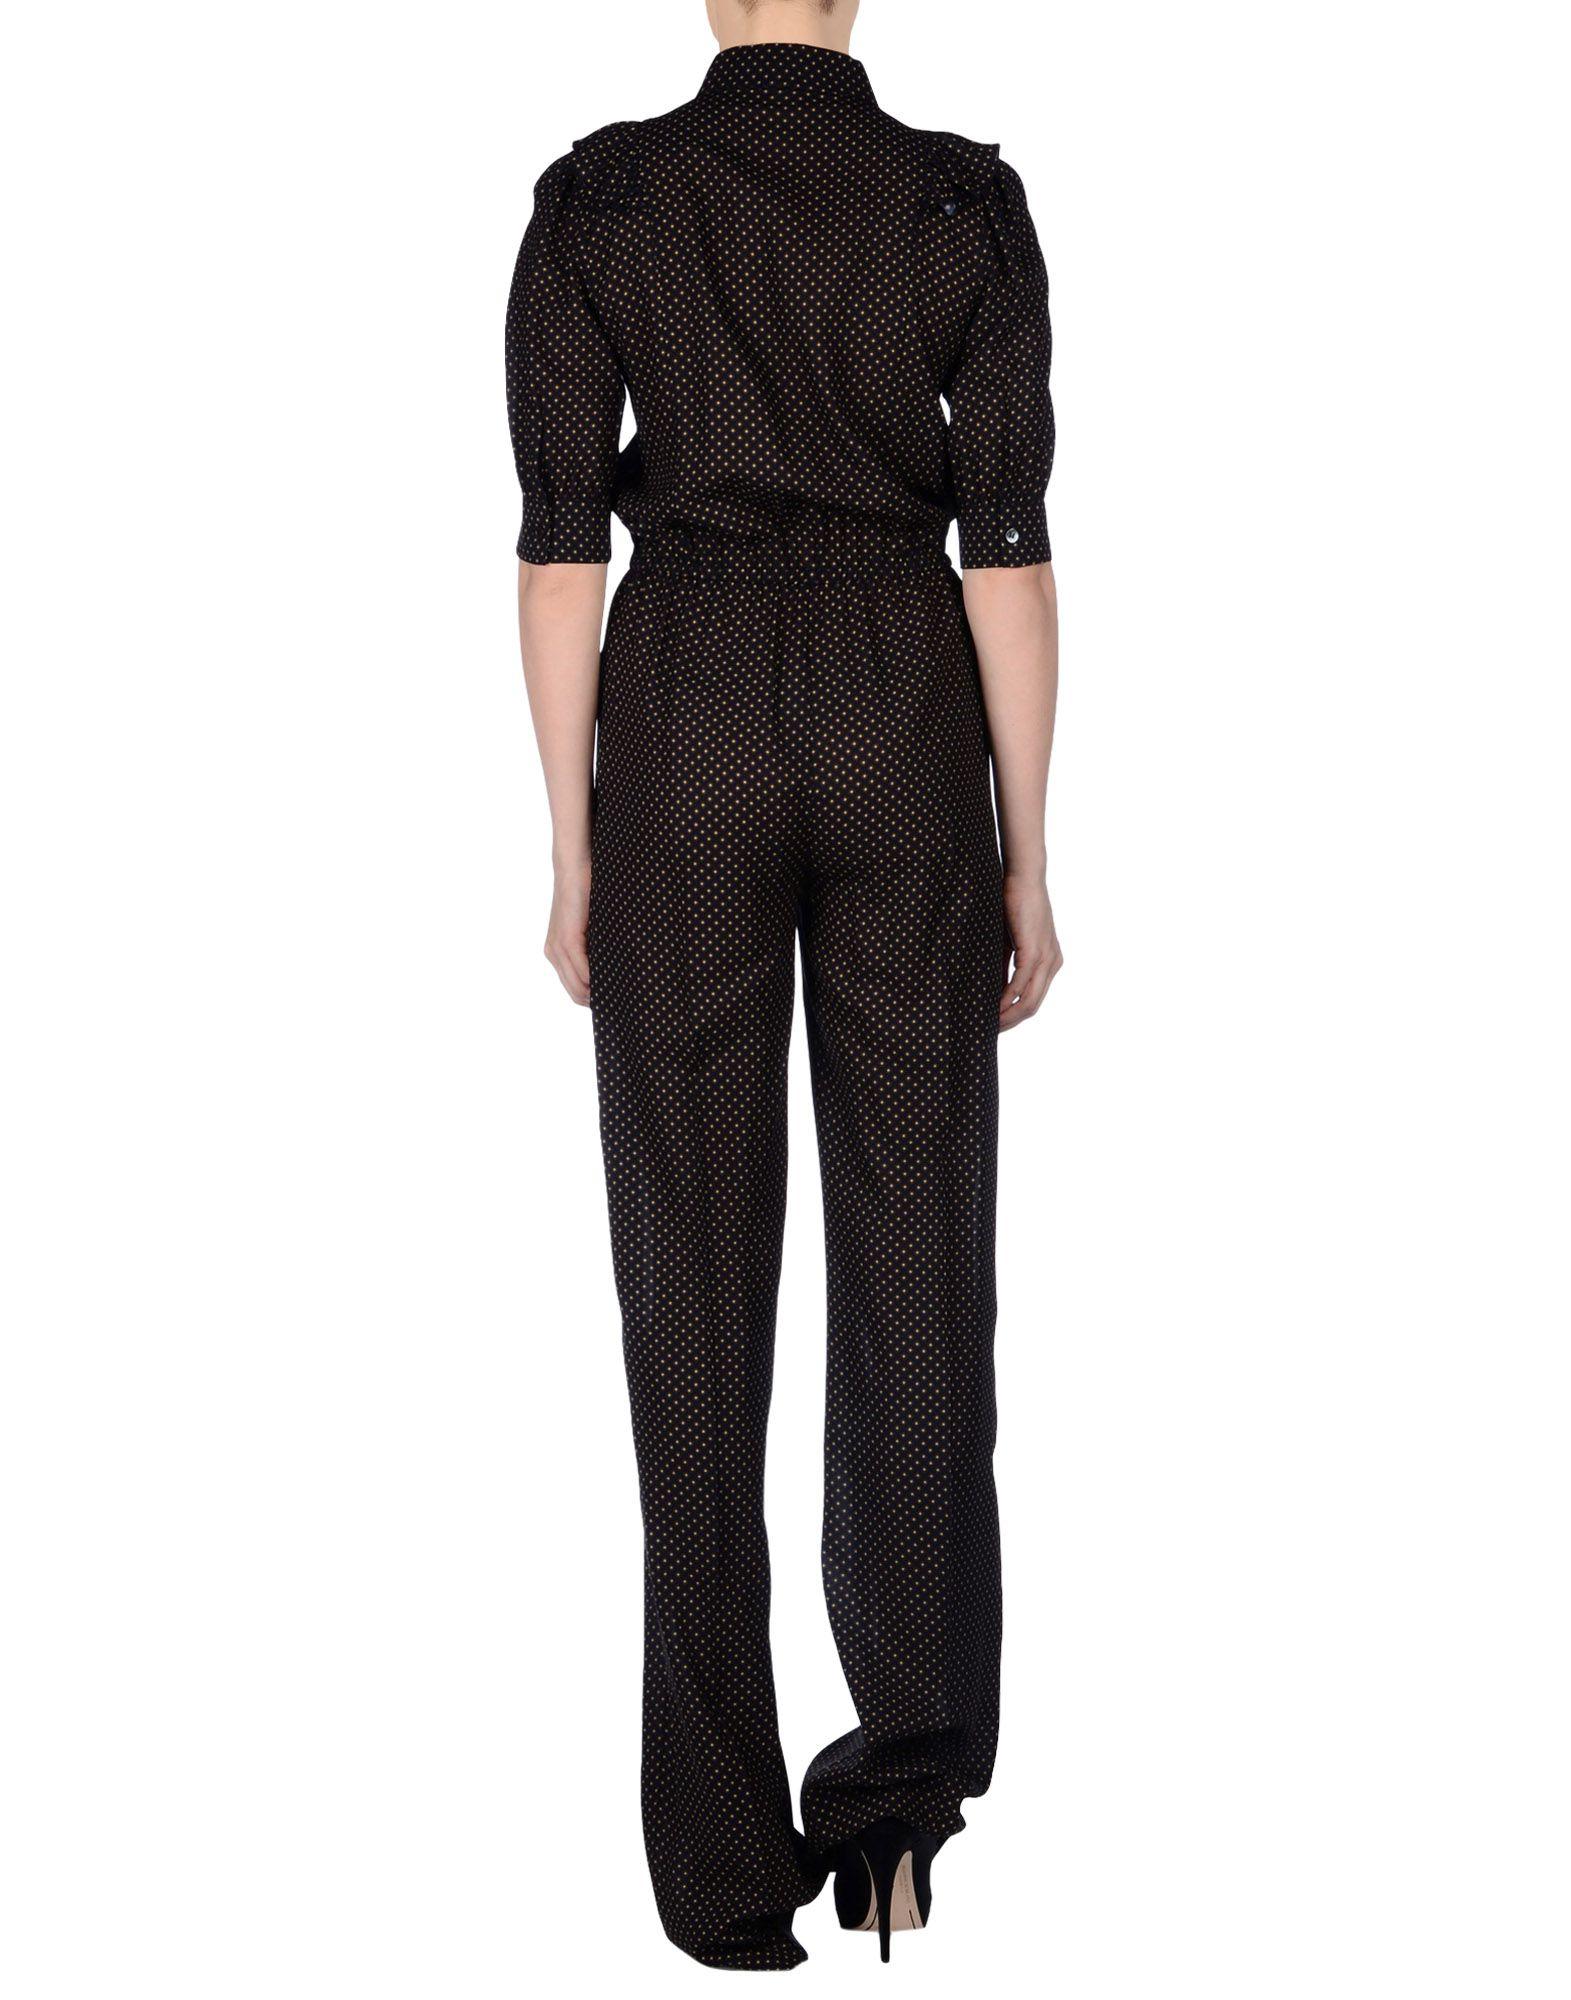 michael kors overalls in black lyst. Black Bedroom Furniture Sets. Home Design Ideas